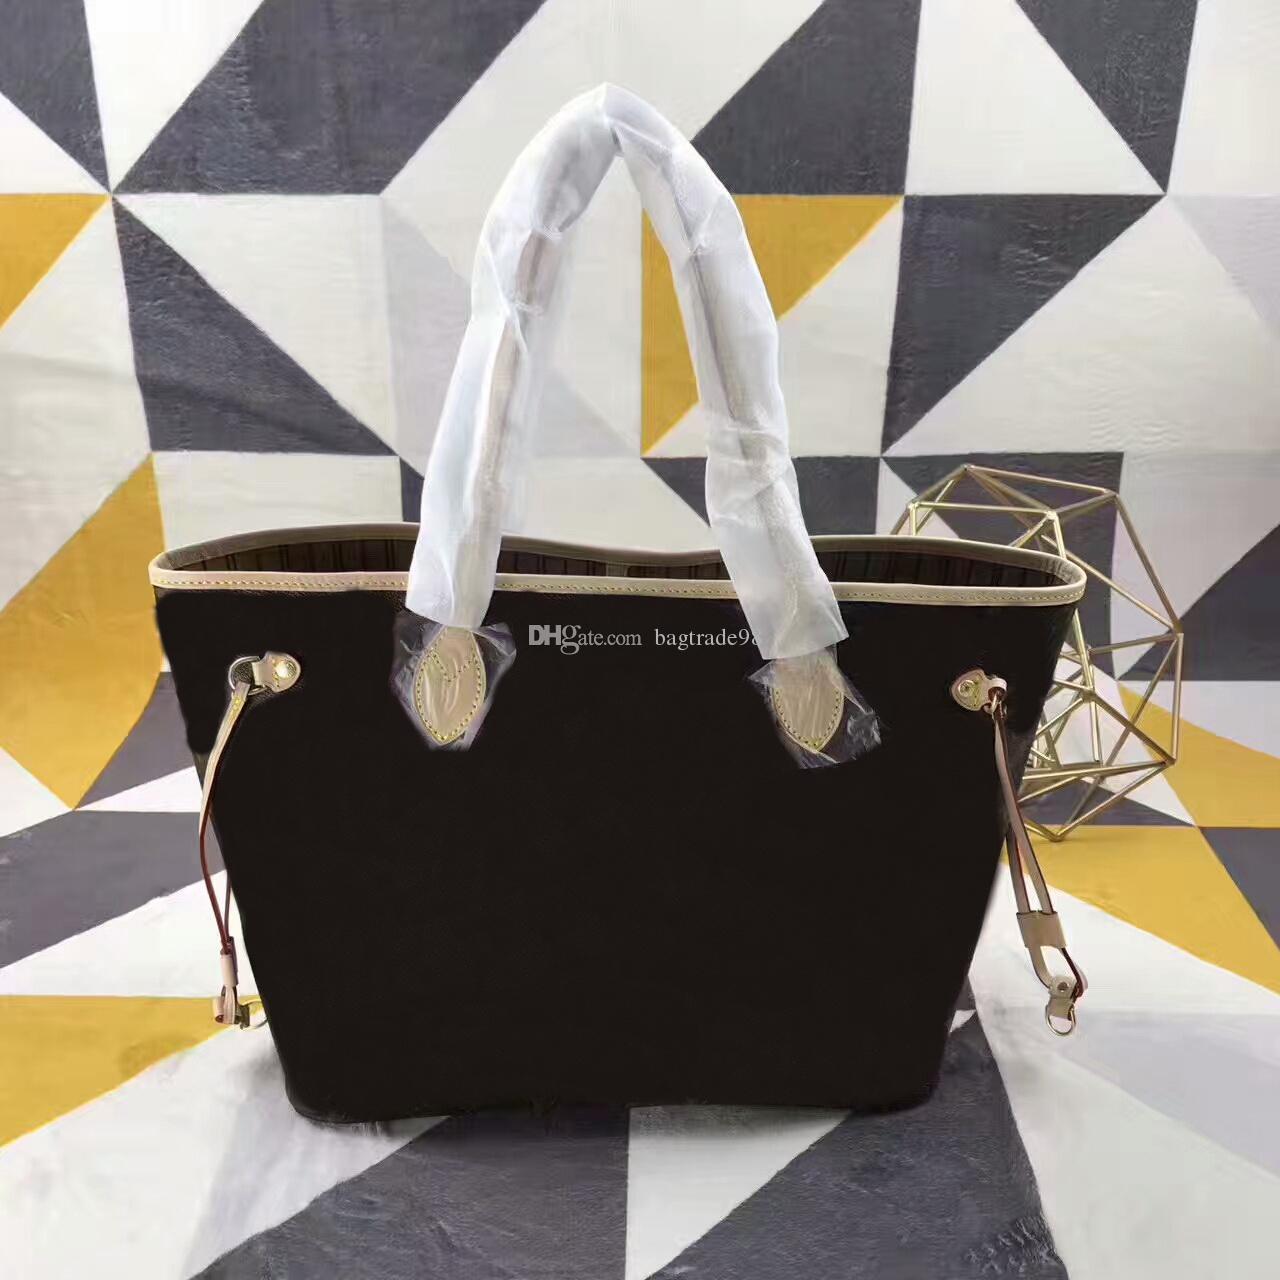 Мода Женская сумочка GM / мм Кожаные сумки на плечо сумки сумки сумки сумки 40157 Кошельки сумки имеют пыль сумки CX # 88